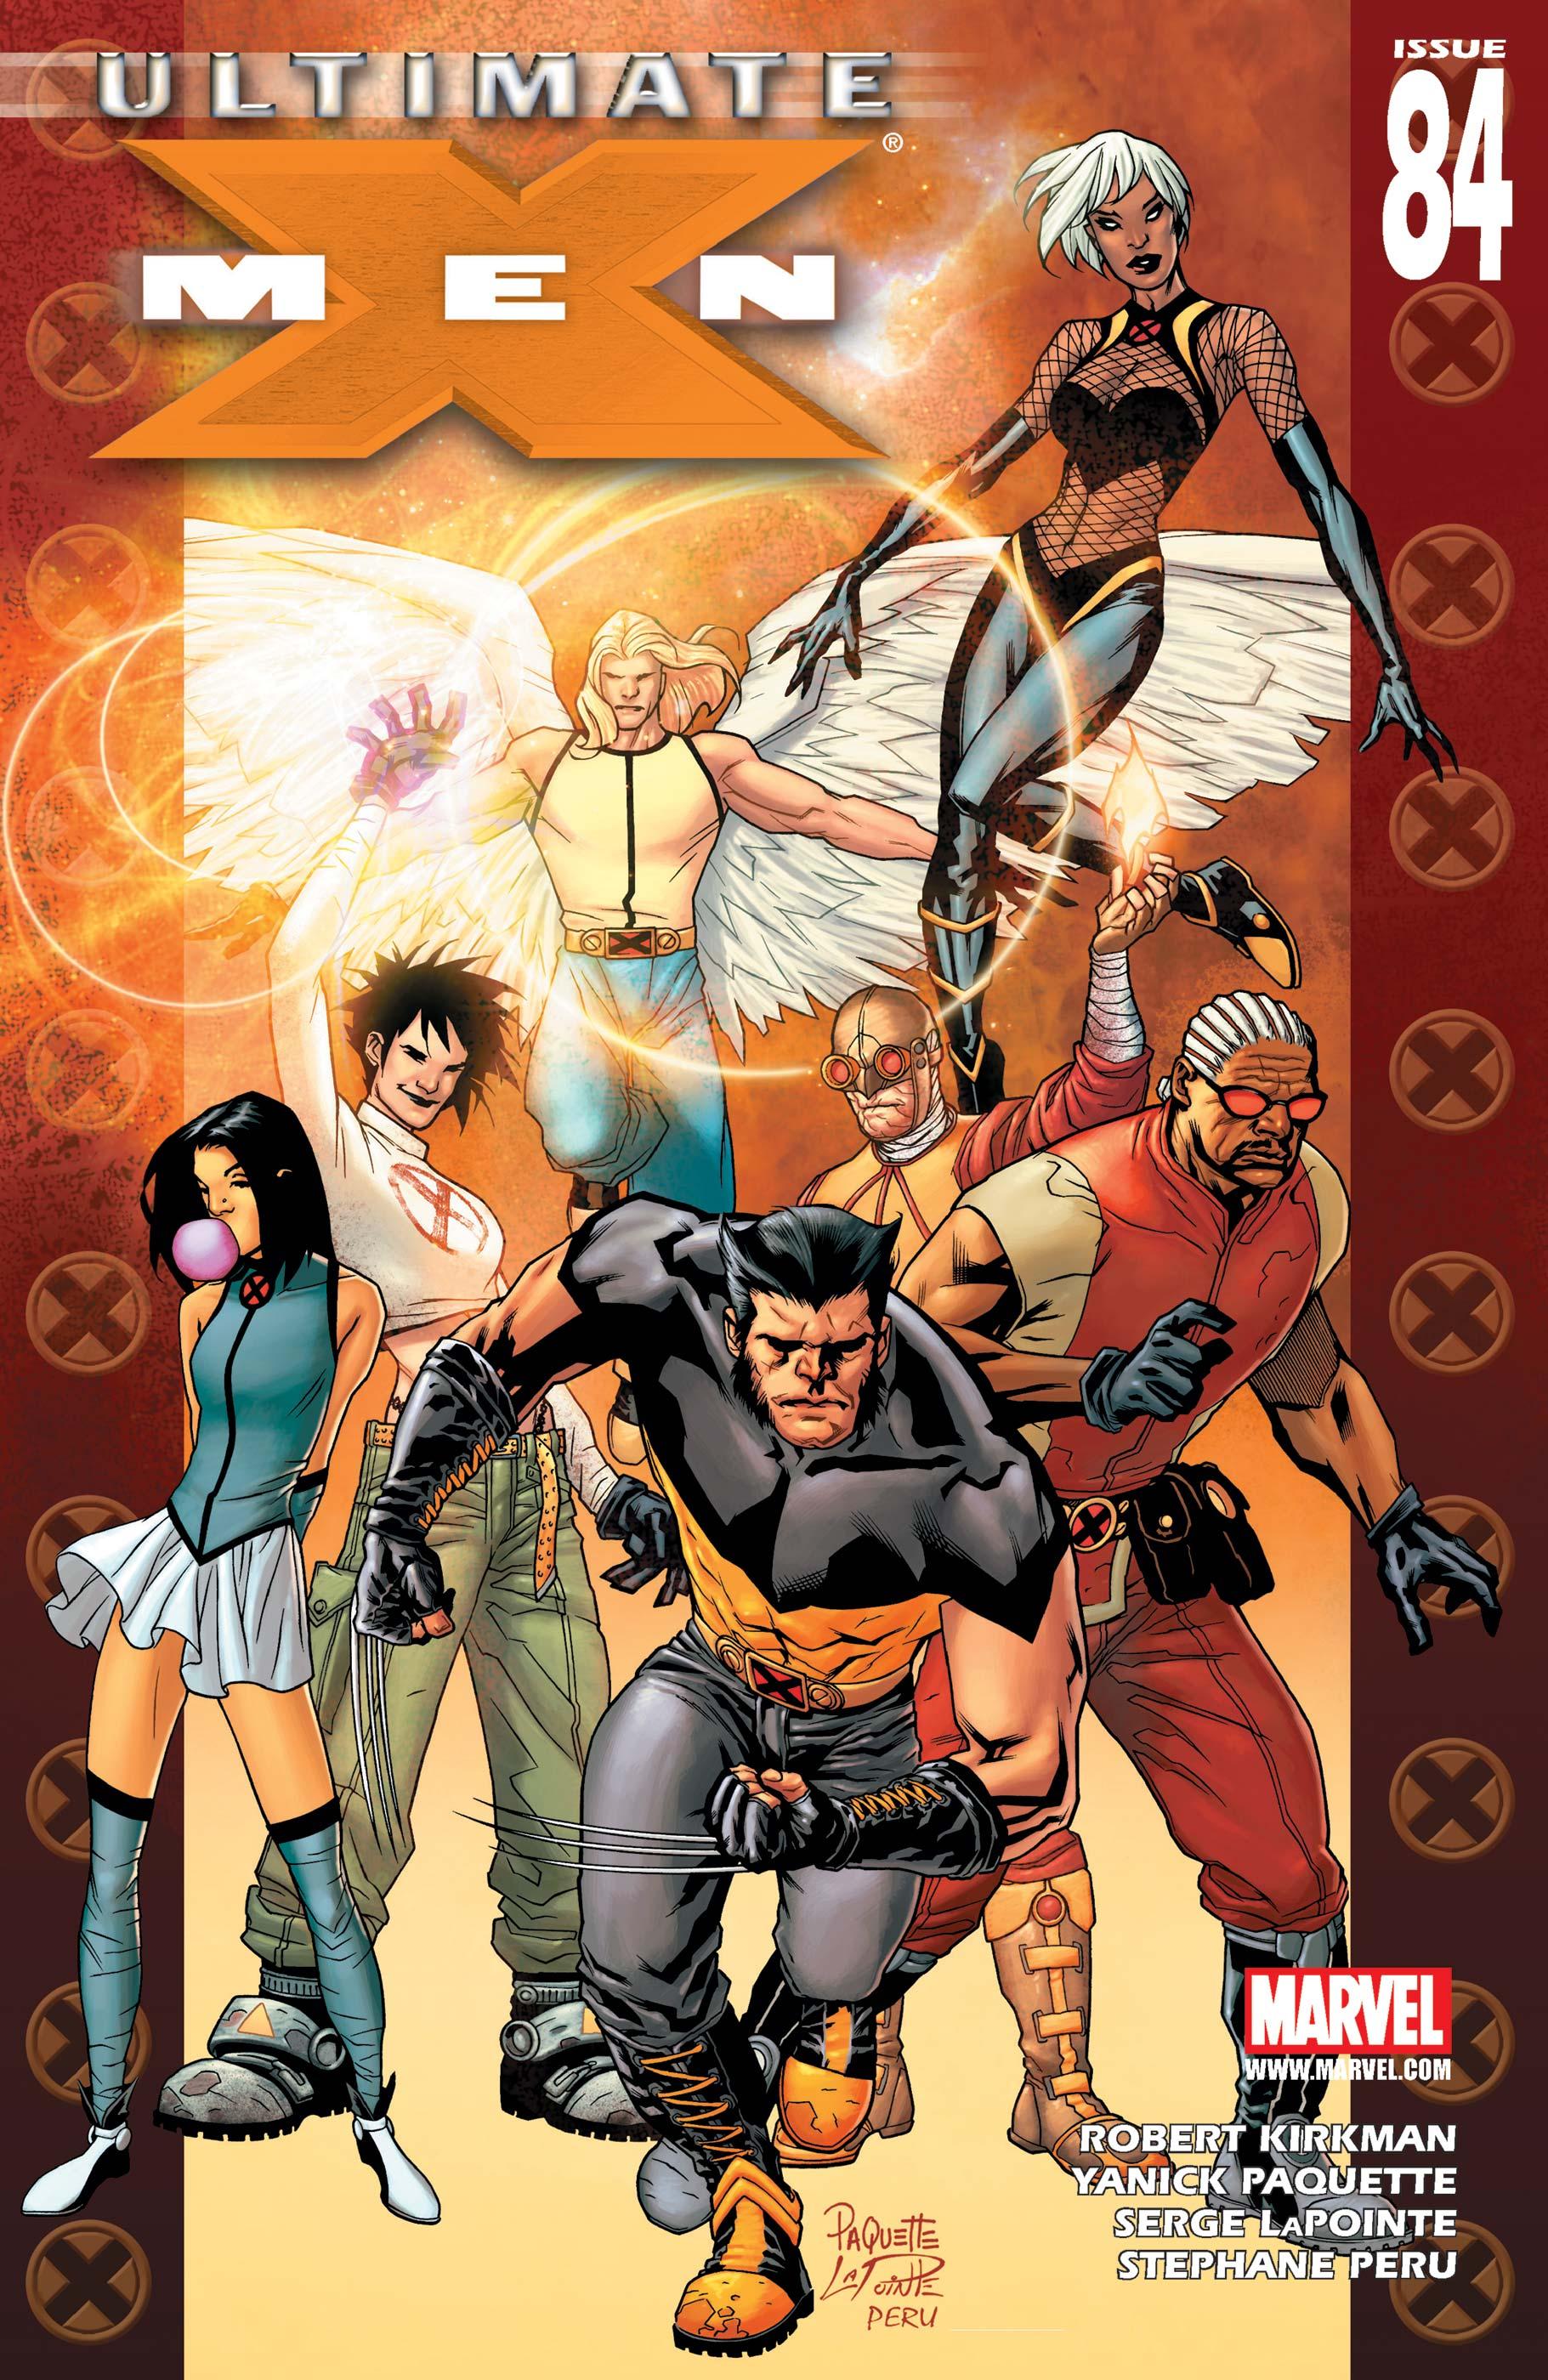 Ultimate X-Men (2000) #84